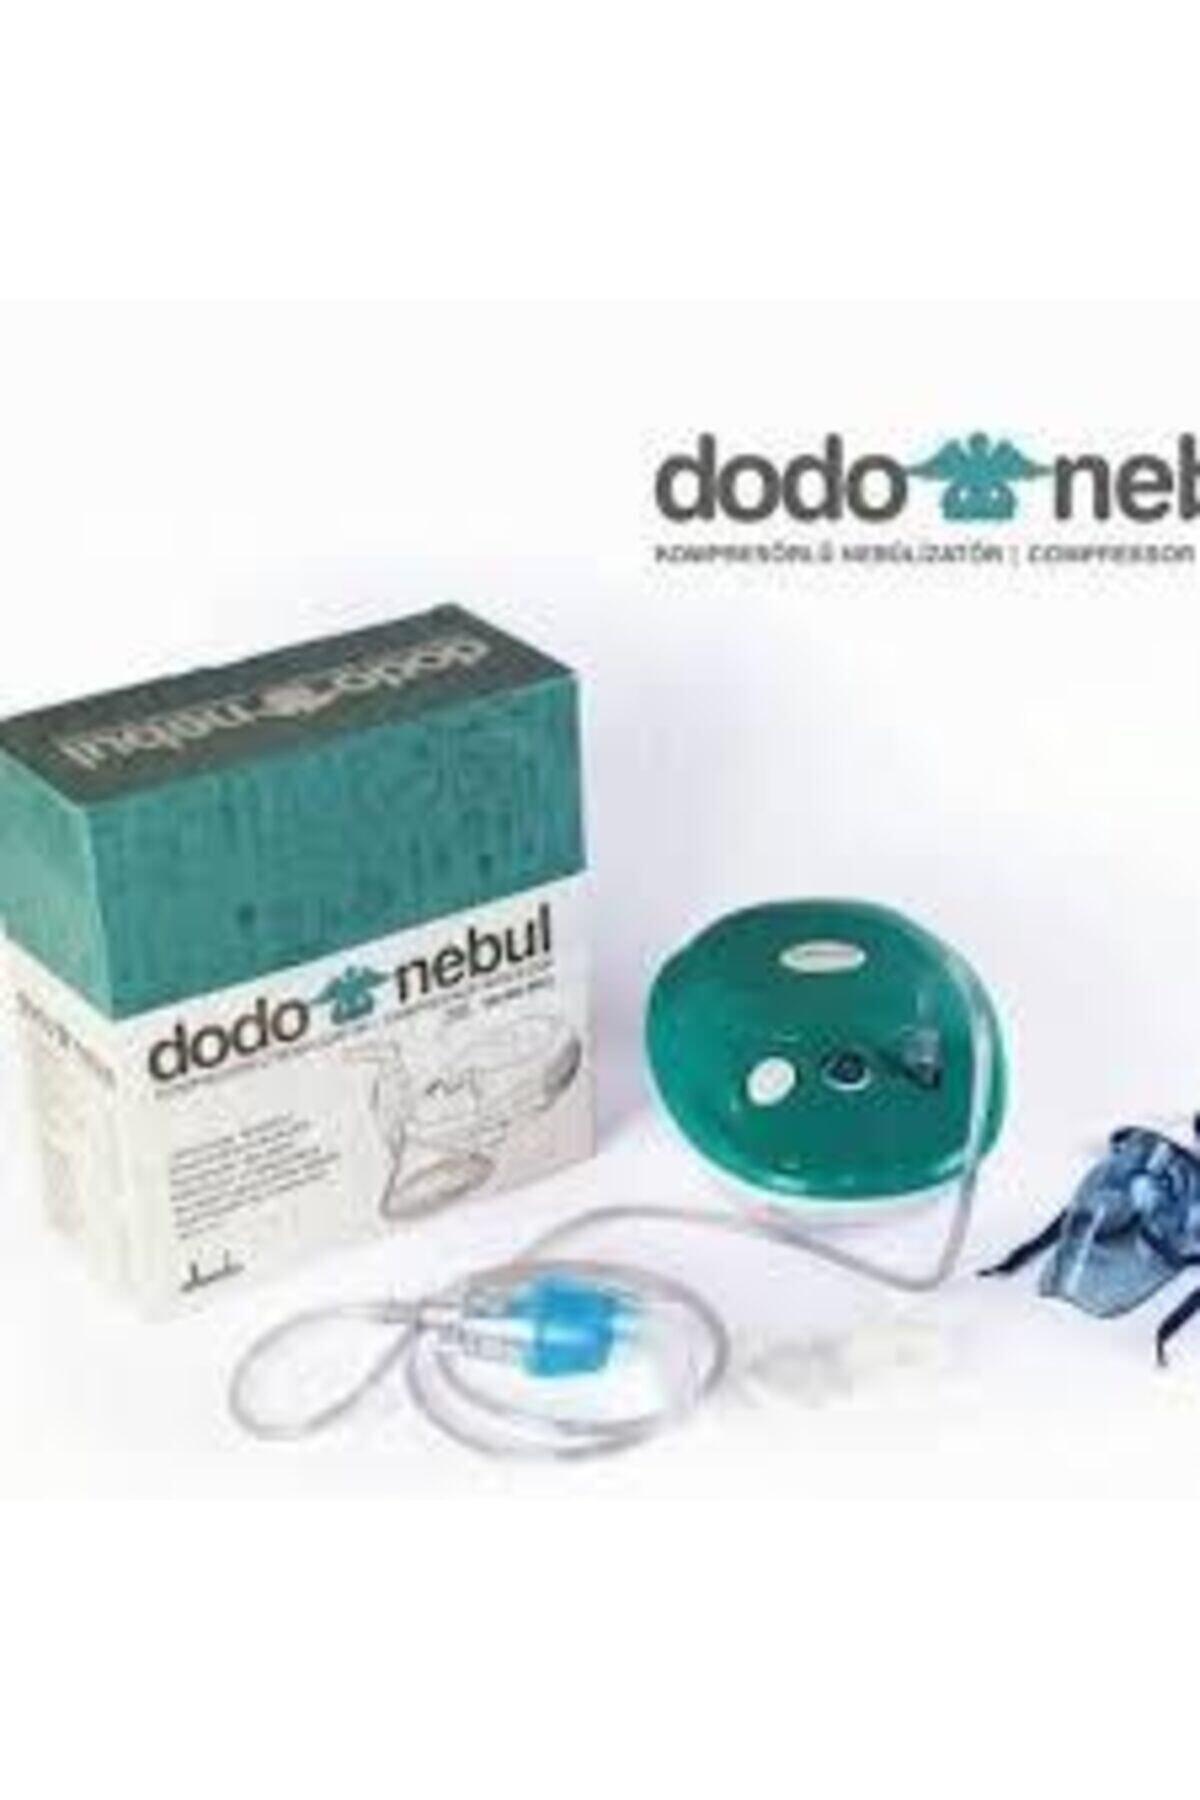 Dodo Nebül Kompresörlü Nebülizatör (hava Makinesi) 1